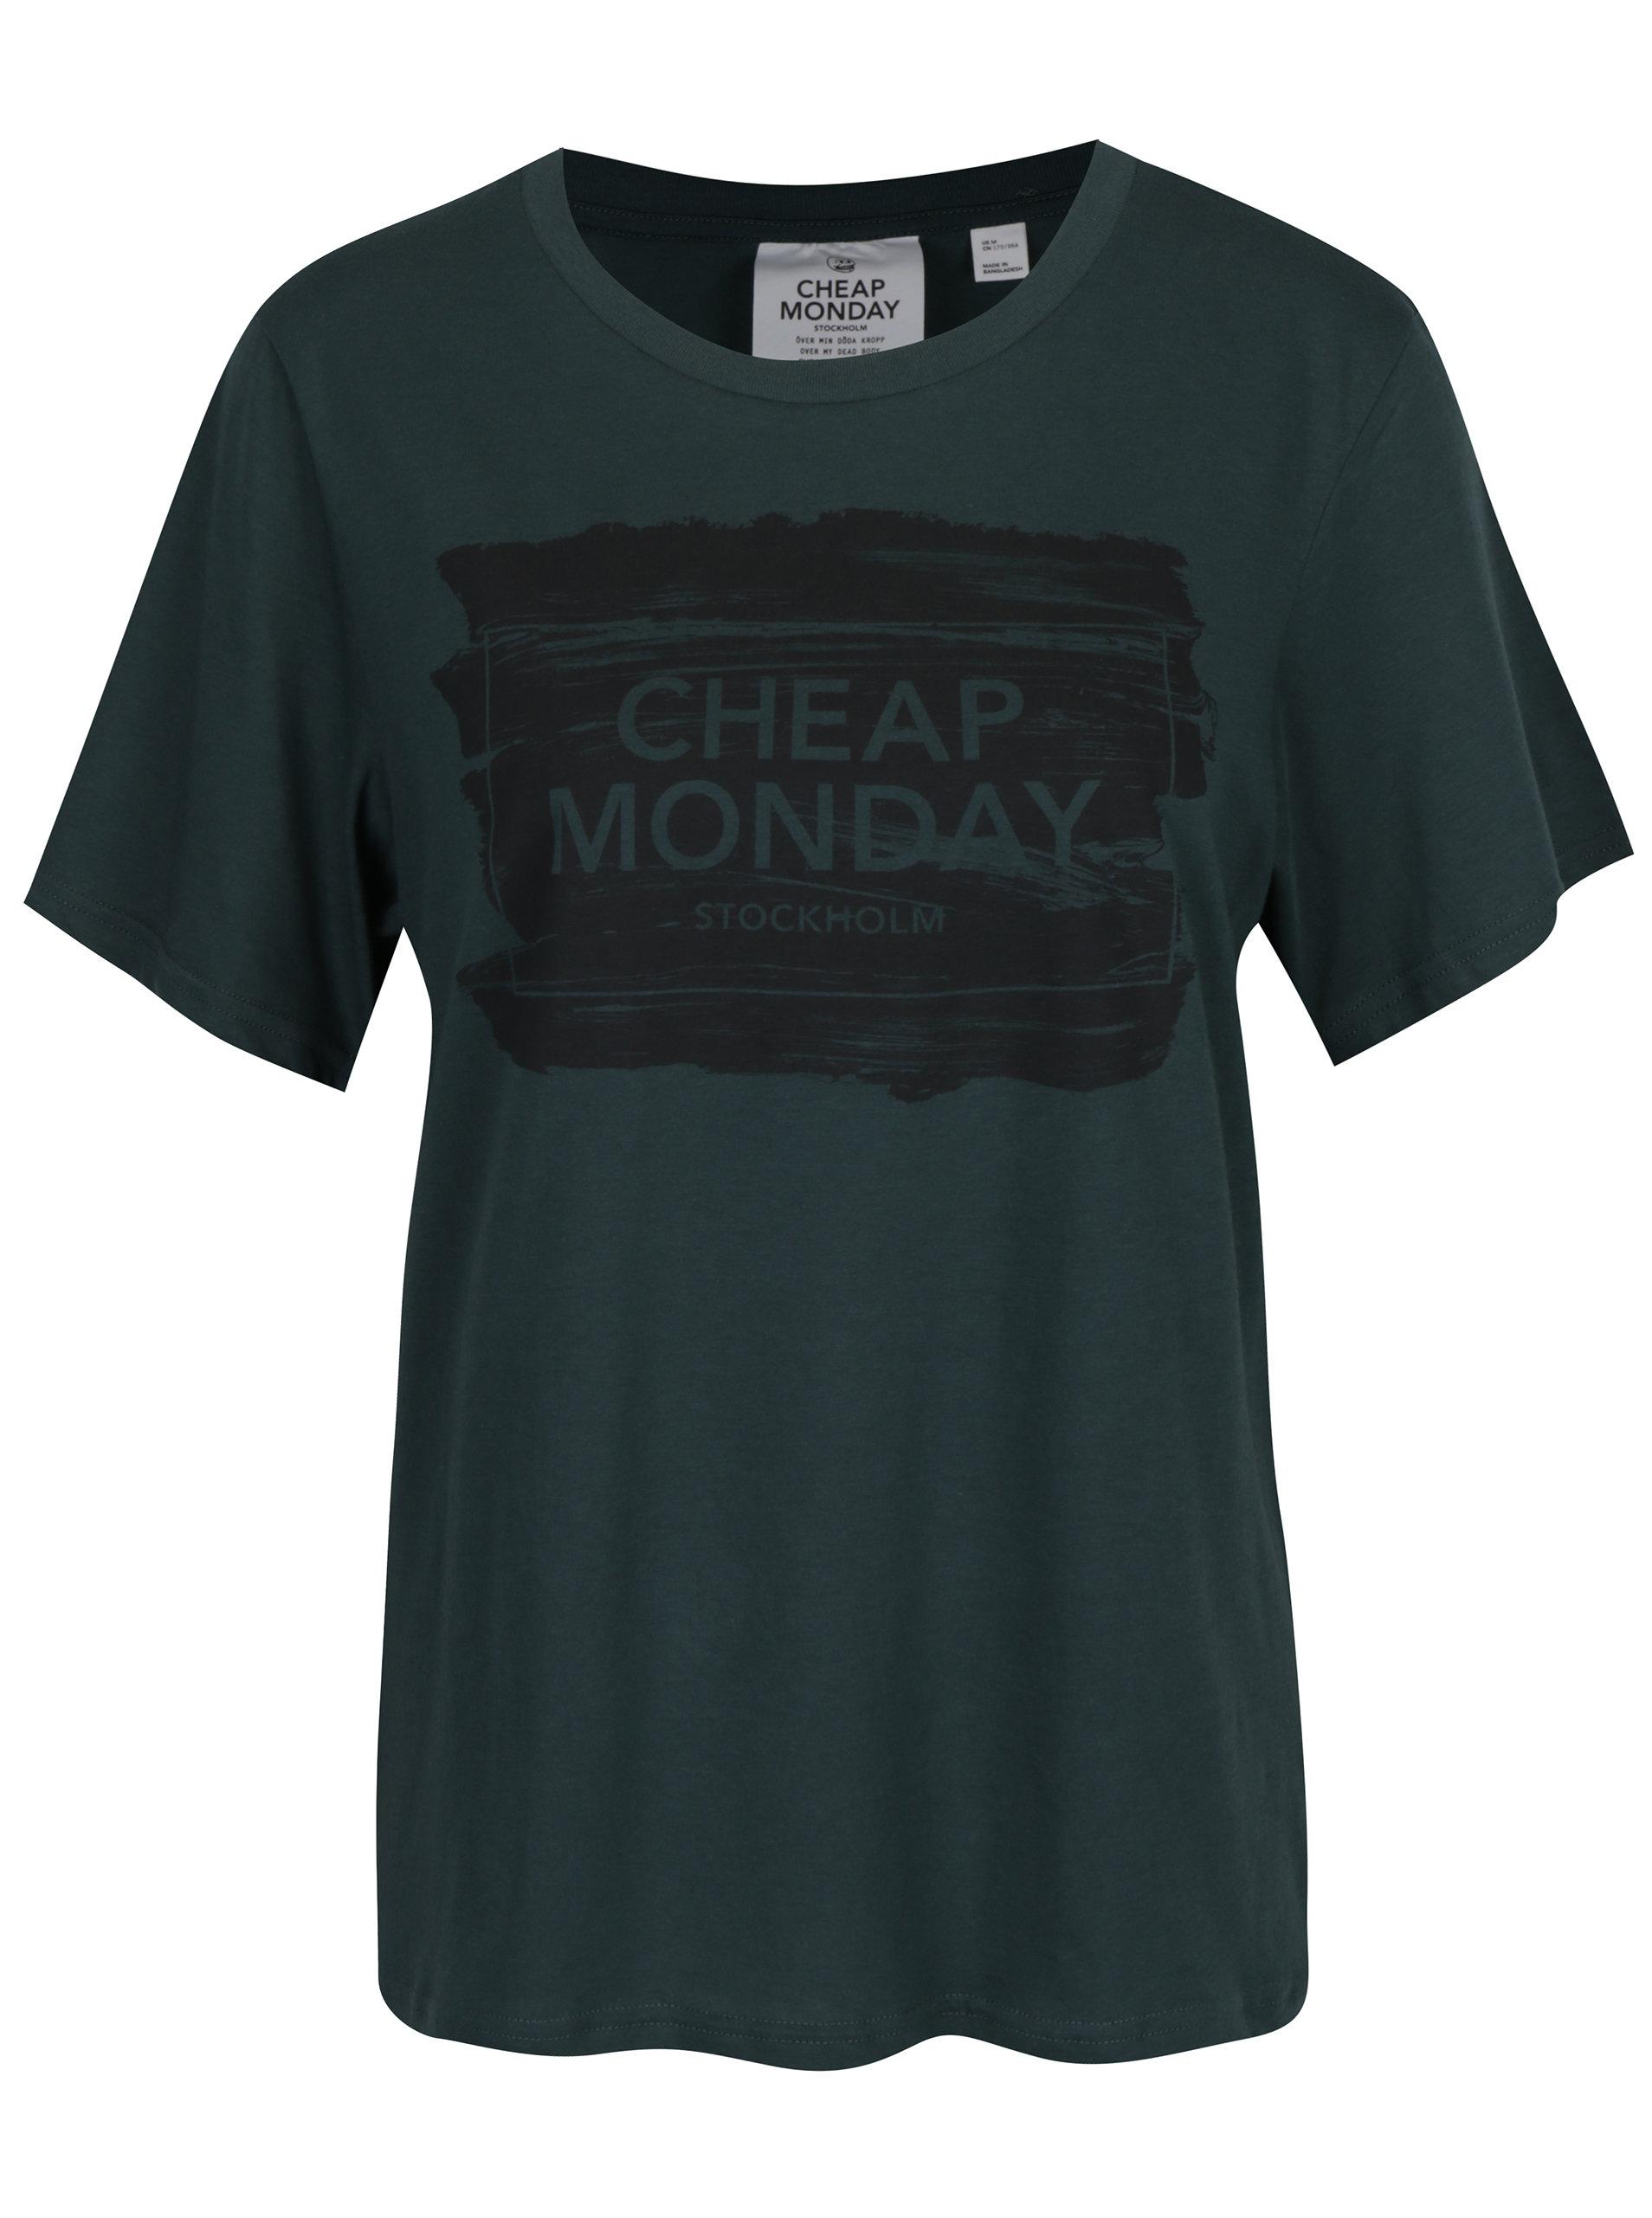 6926fe15a44 Tmavě zelené dámské tričko s potiskem Cheap Monday ...